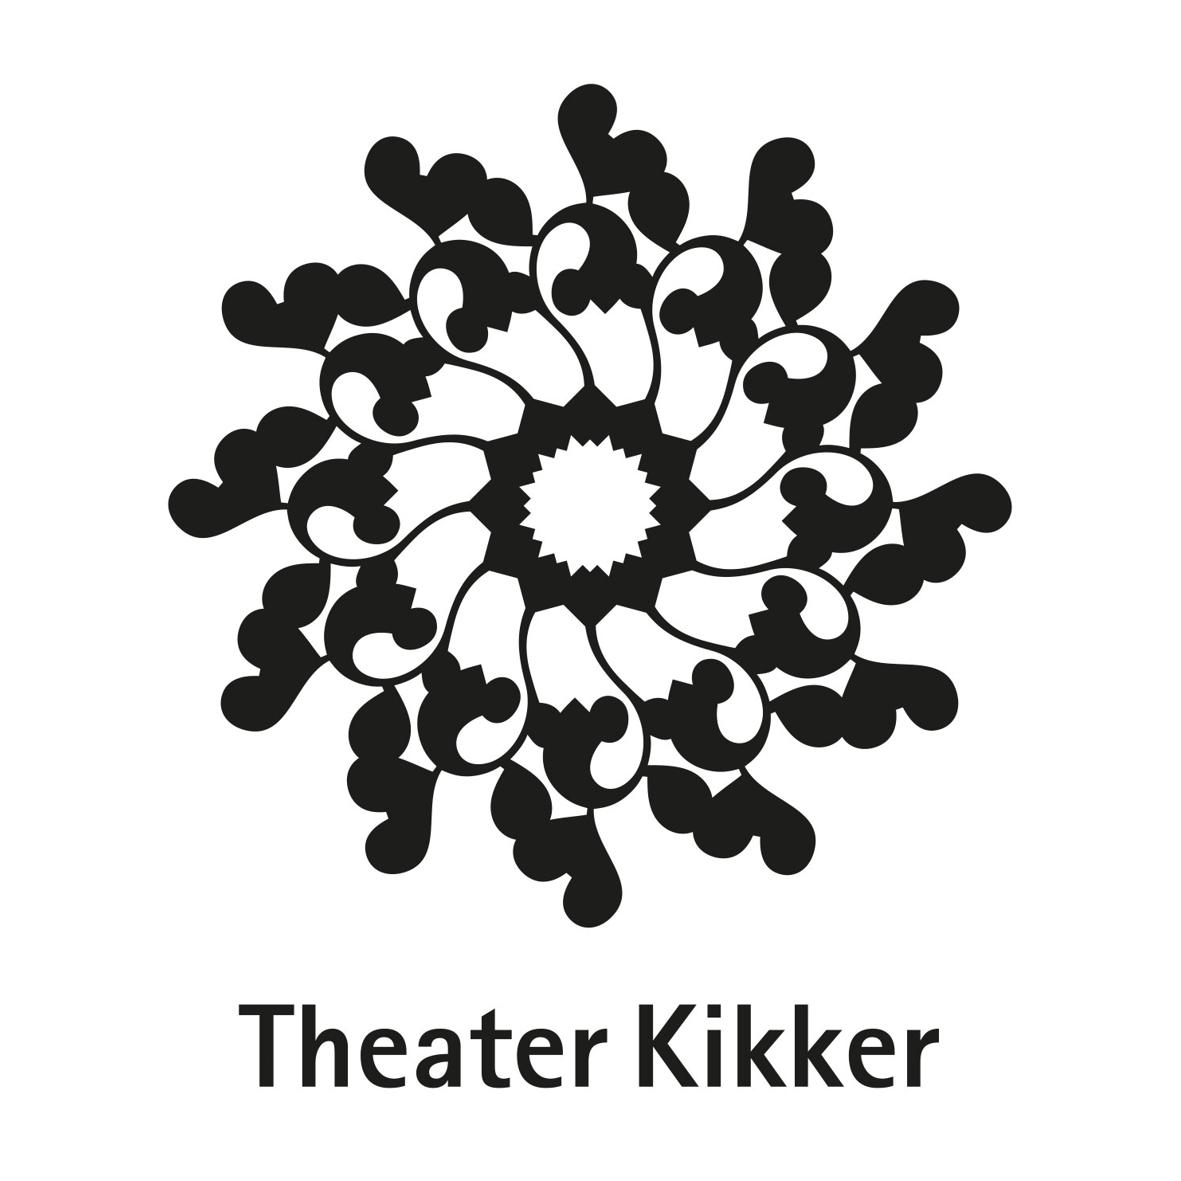 Verhalenpartner Theater Kikker